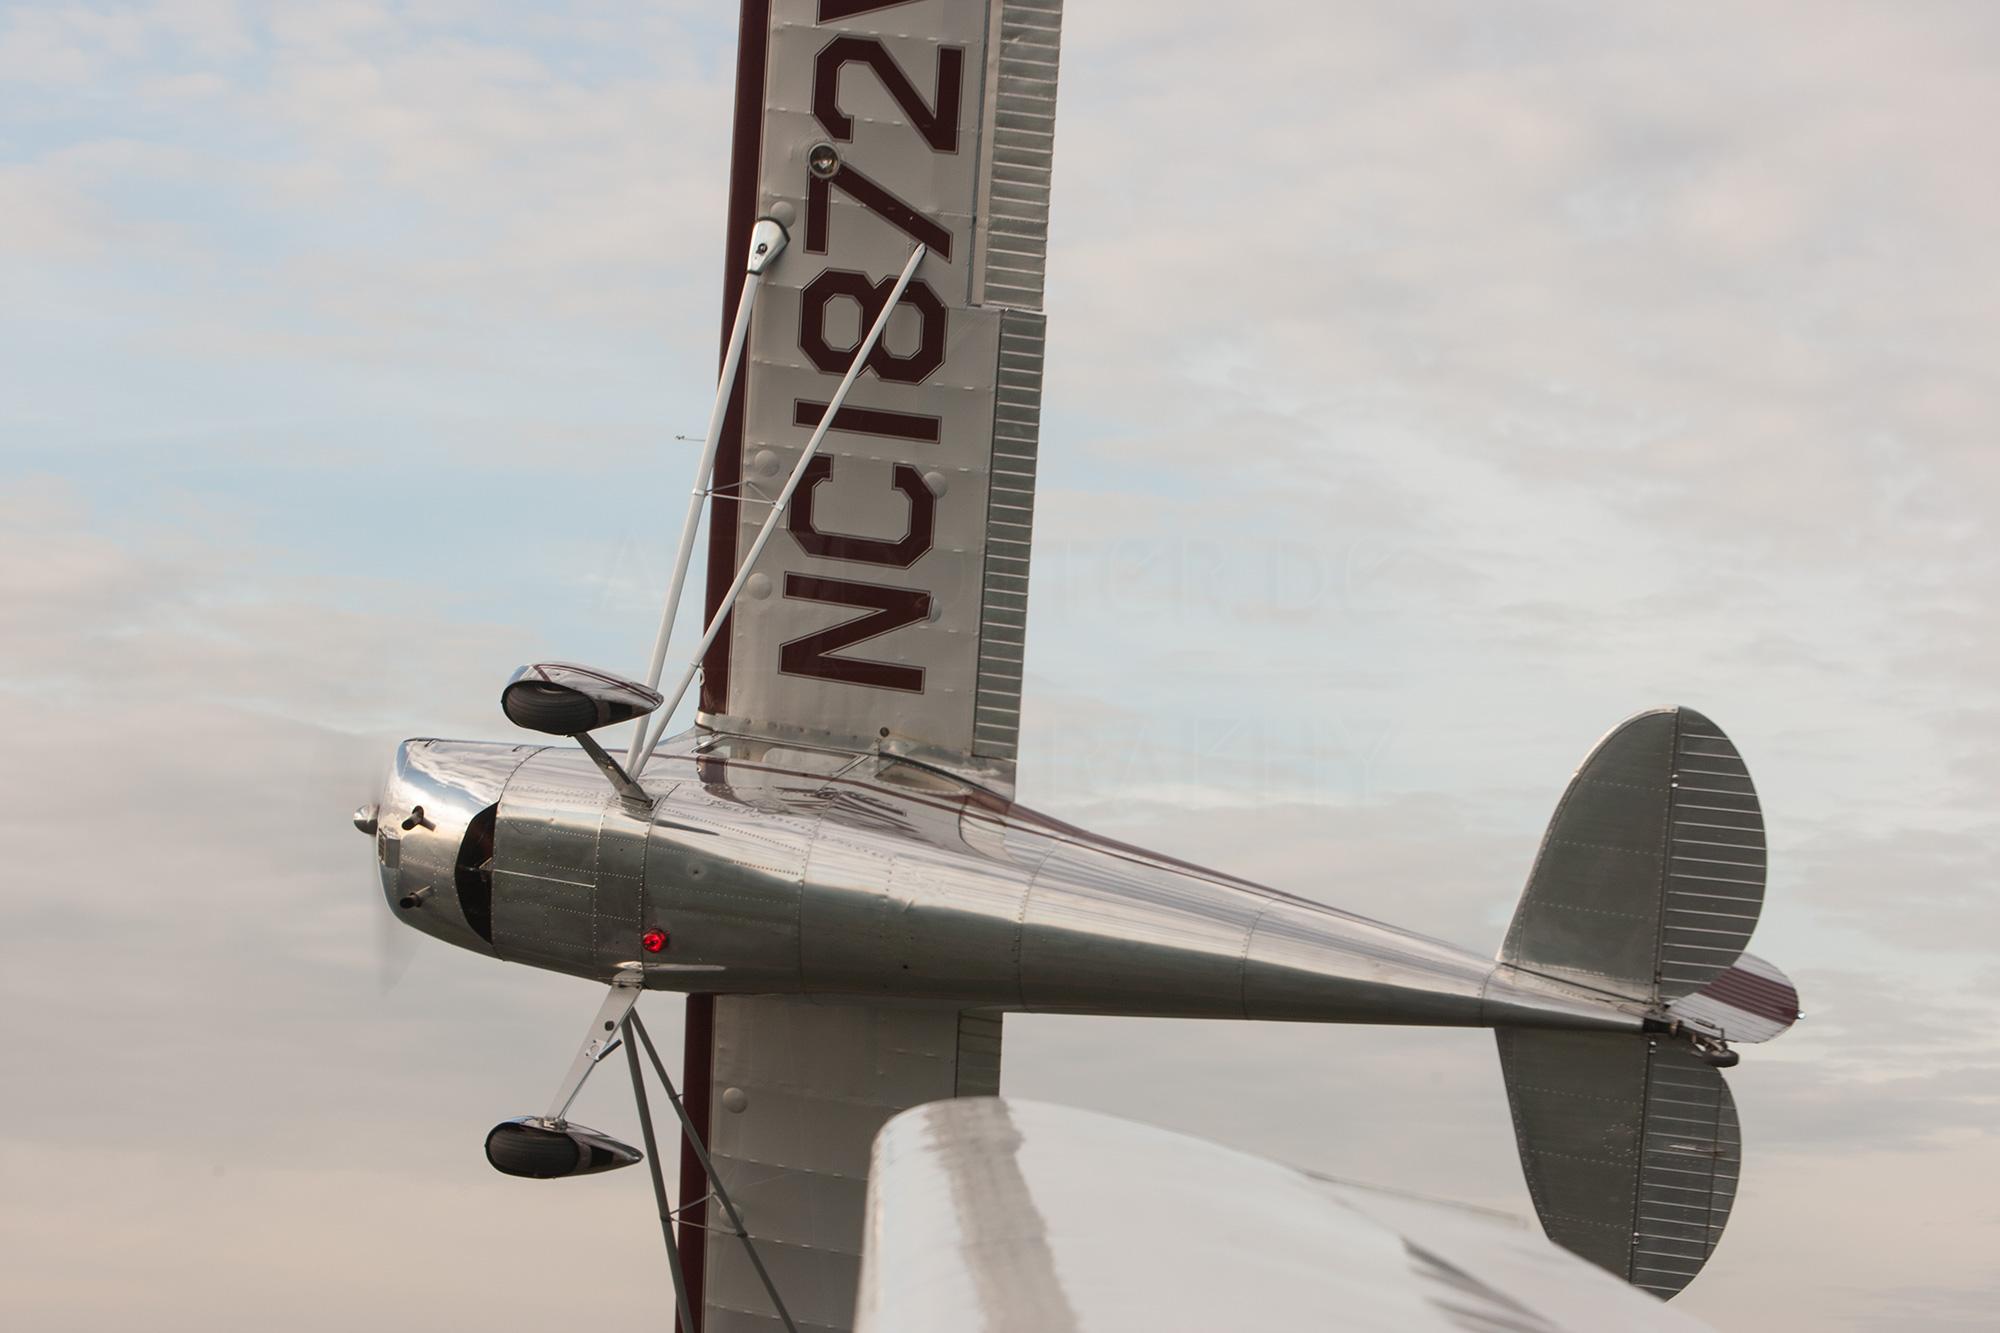 Airspotter.de 2015 Cessna 140 NC1872V